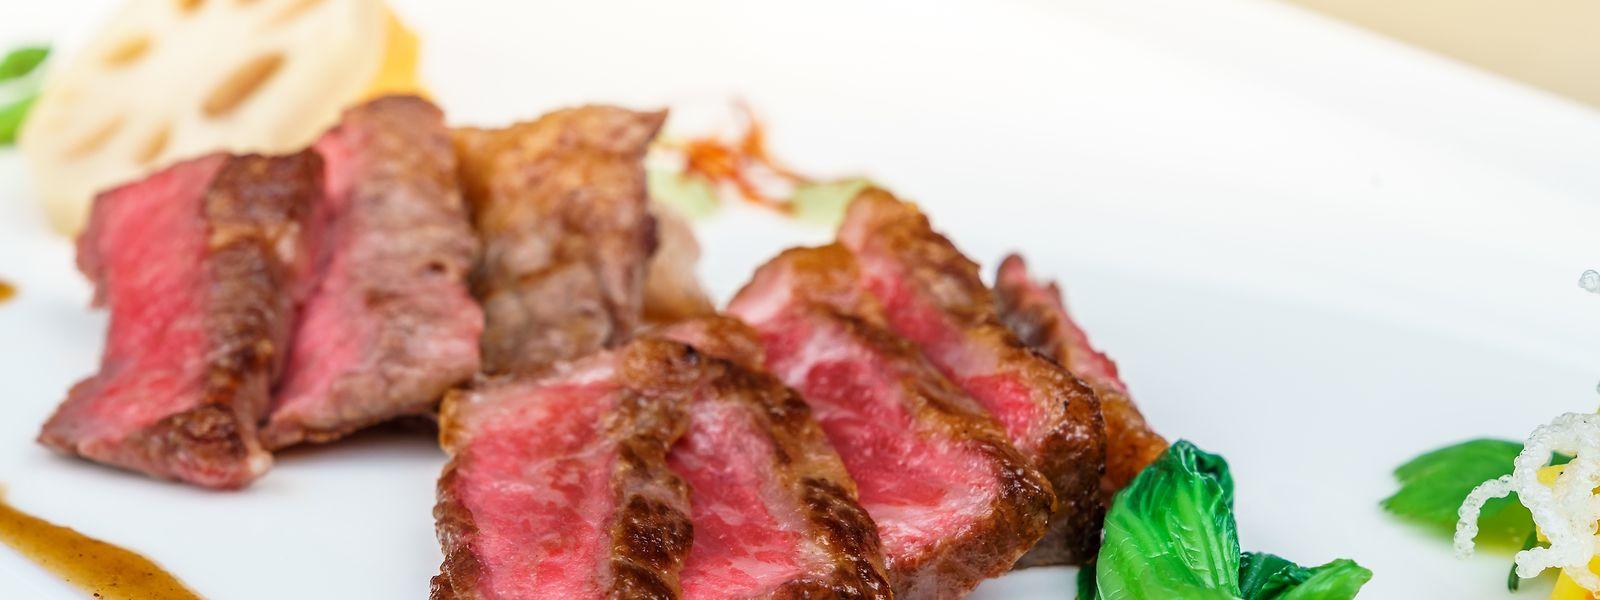 Das berühmte Fleisch der Kaiser und Kenner zum Dessert?